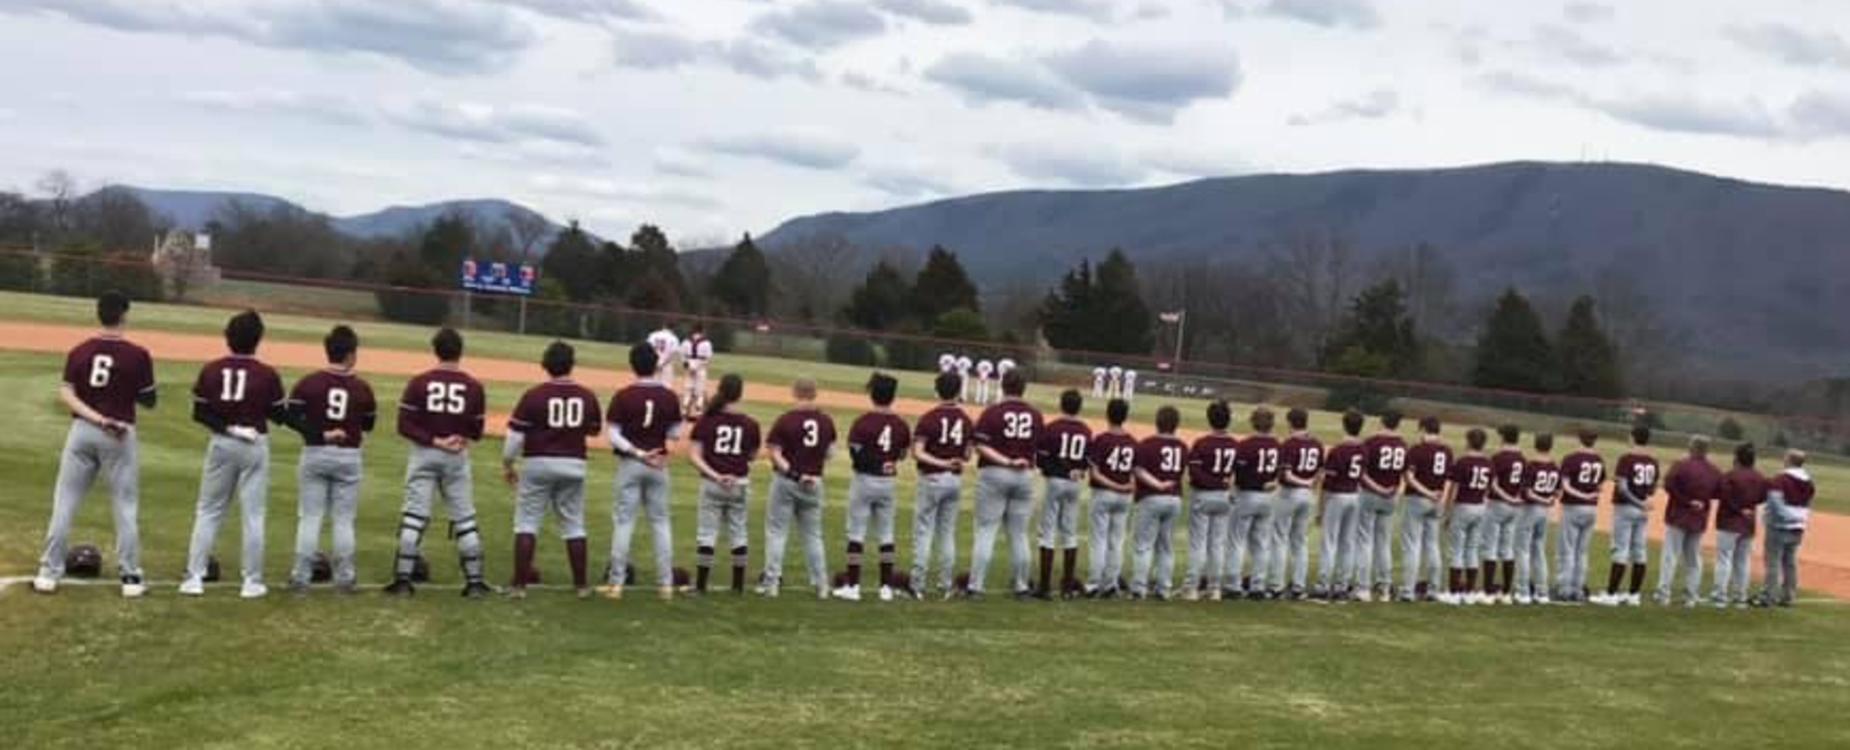 TPHS 2020 Baseball Team